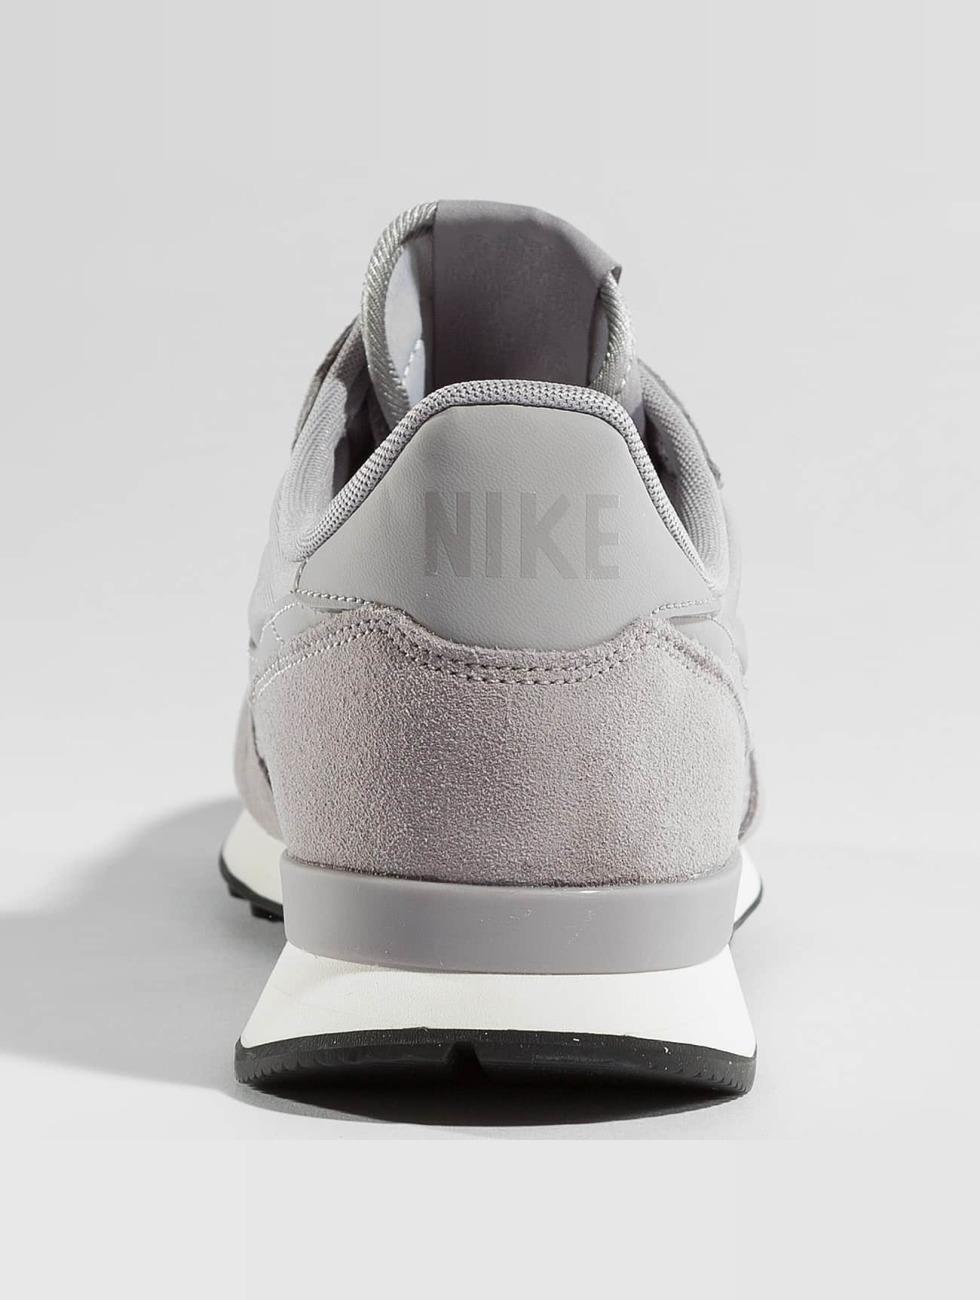 Nike schoen / sneaker Internationalist in grijs 422594 Gratis Verzending Footlocker Finish Korting Betalen Met Visa bestseller exclusief Goedkope Koop Footlocker Foto's 9TQWf